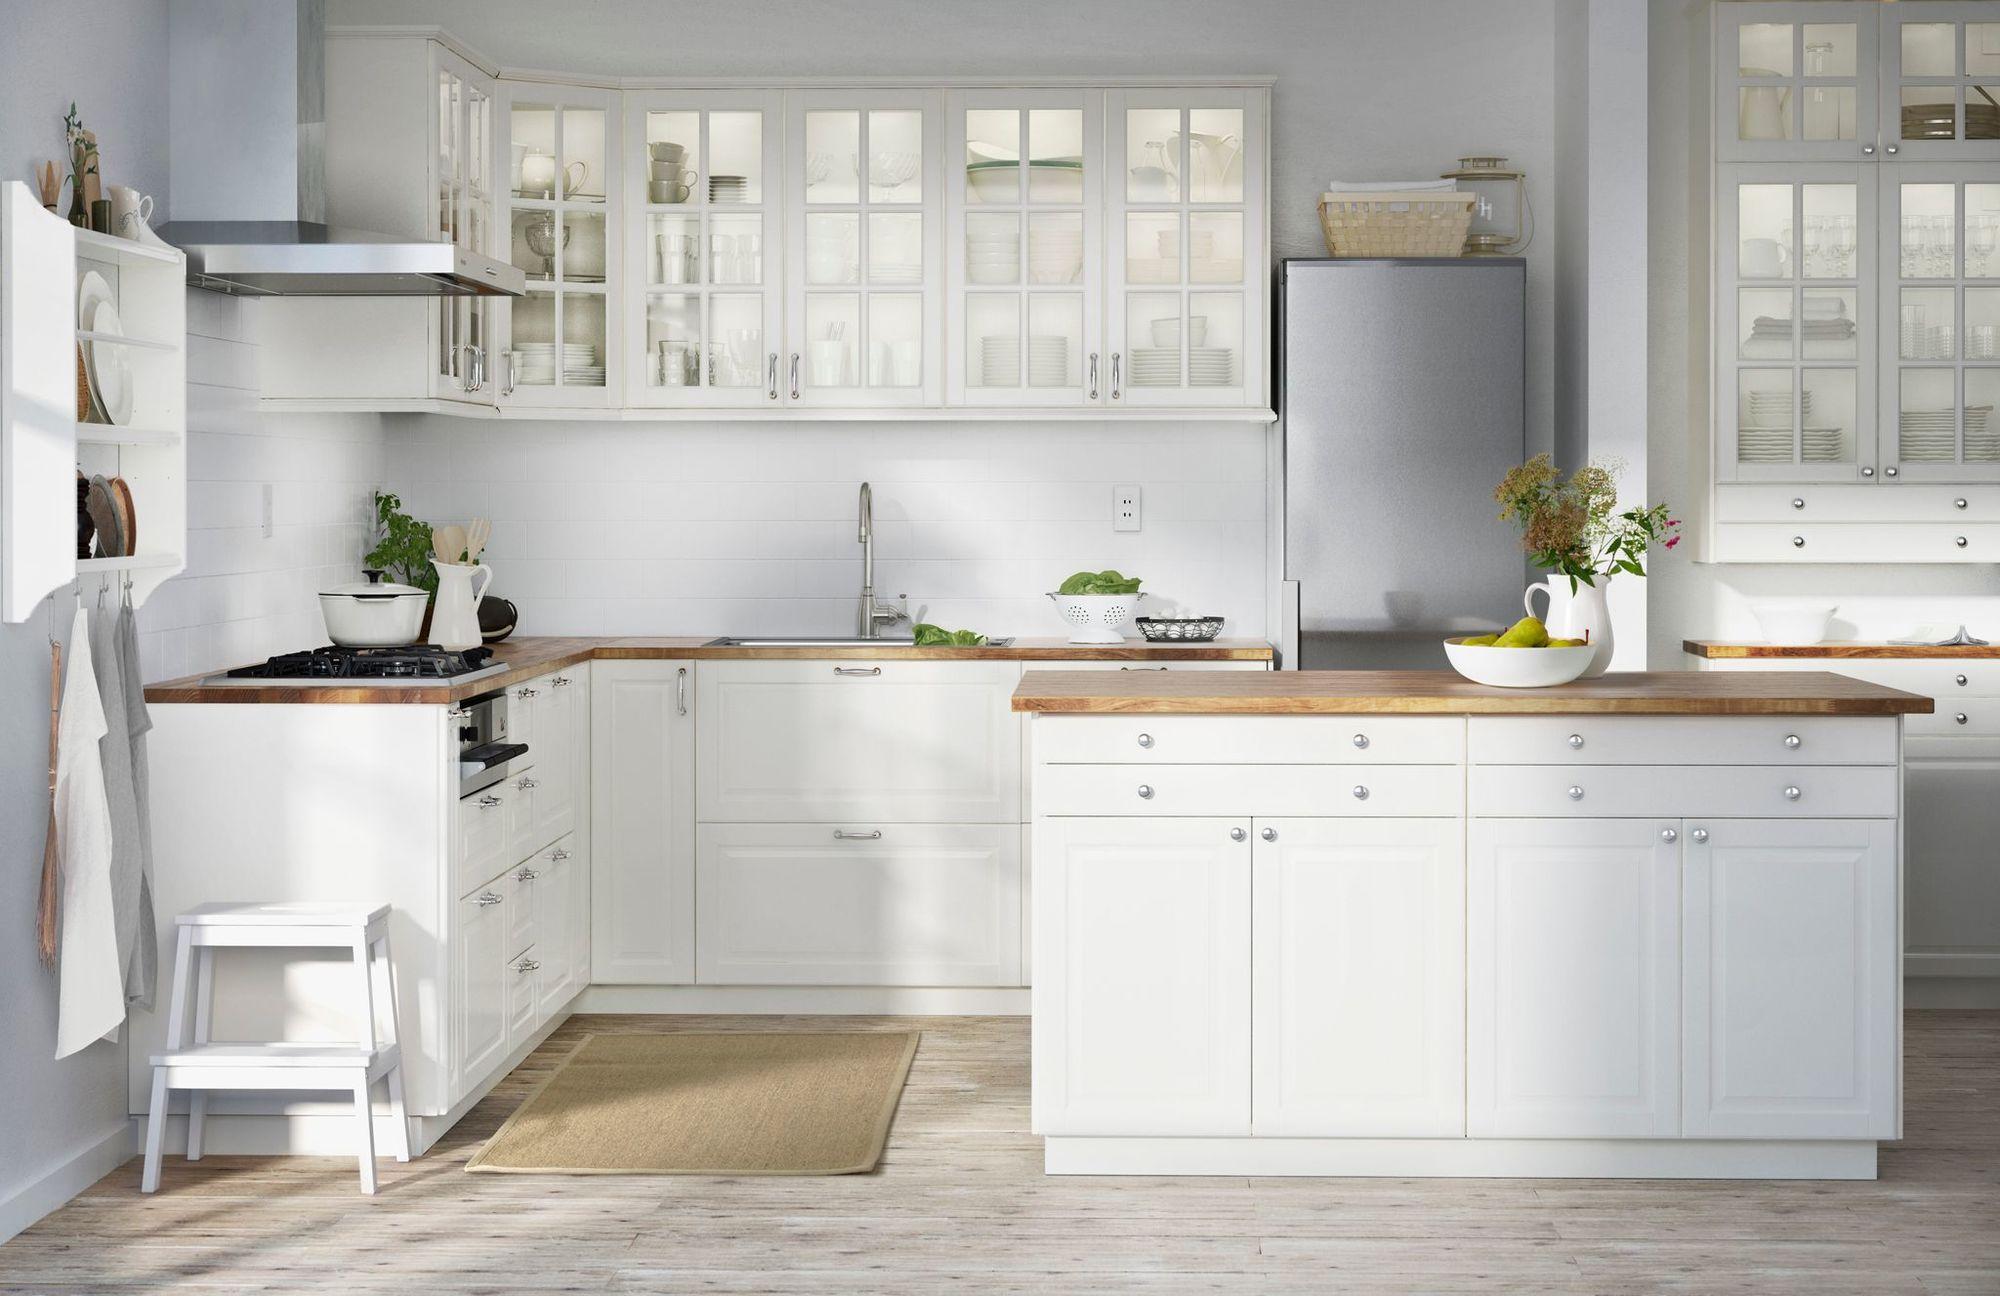 Cuisine Ikea Ringhult Blanc Frais Images Cuisine Ikea Ringhult Gris Clair